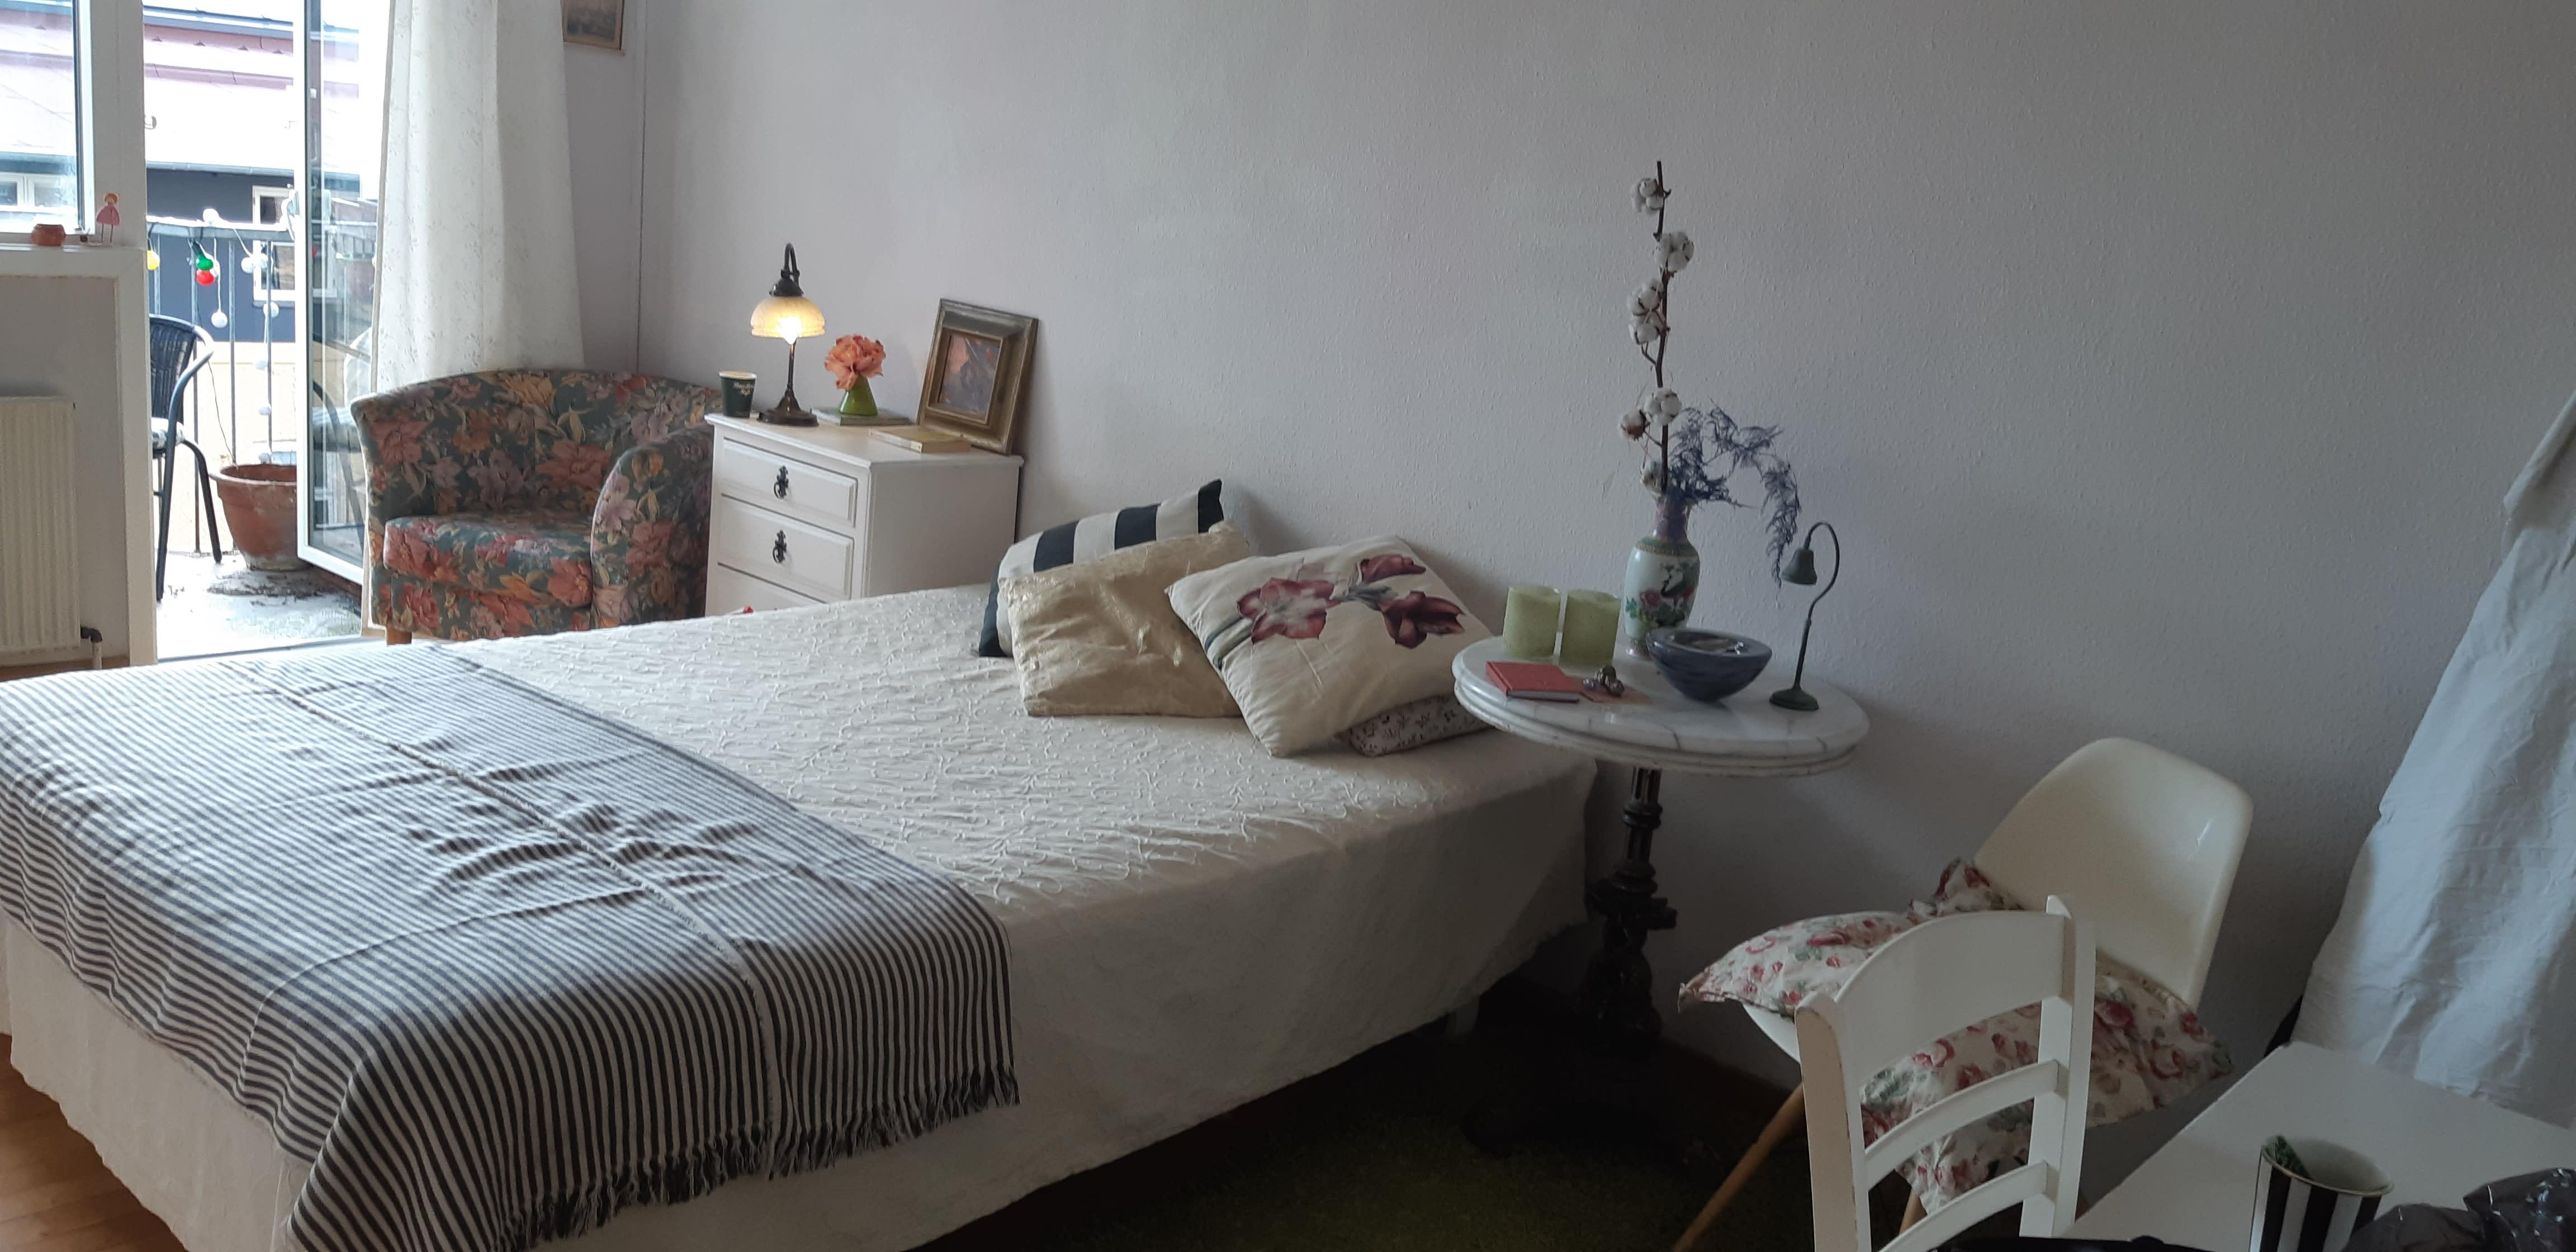 Room, christianshavn